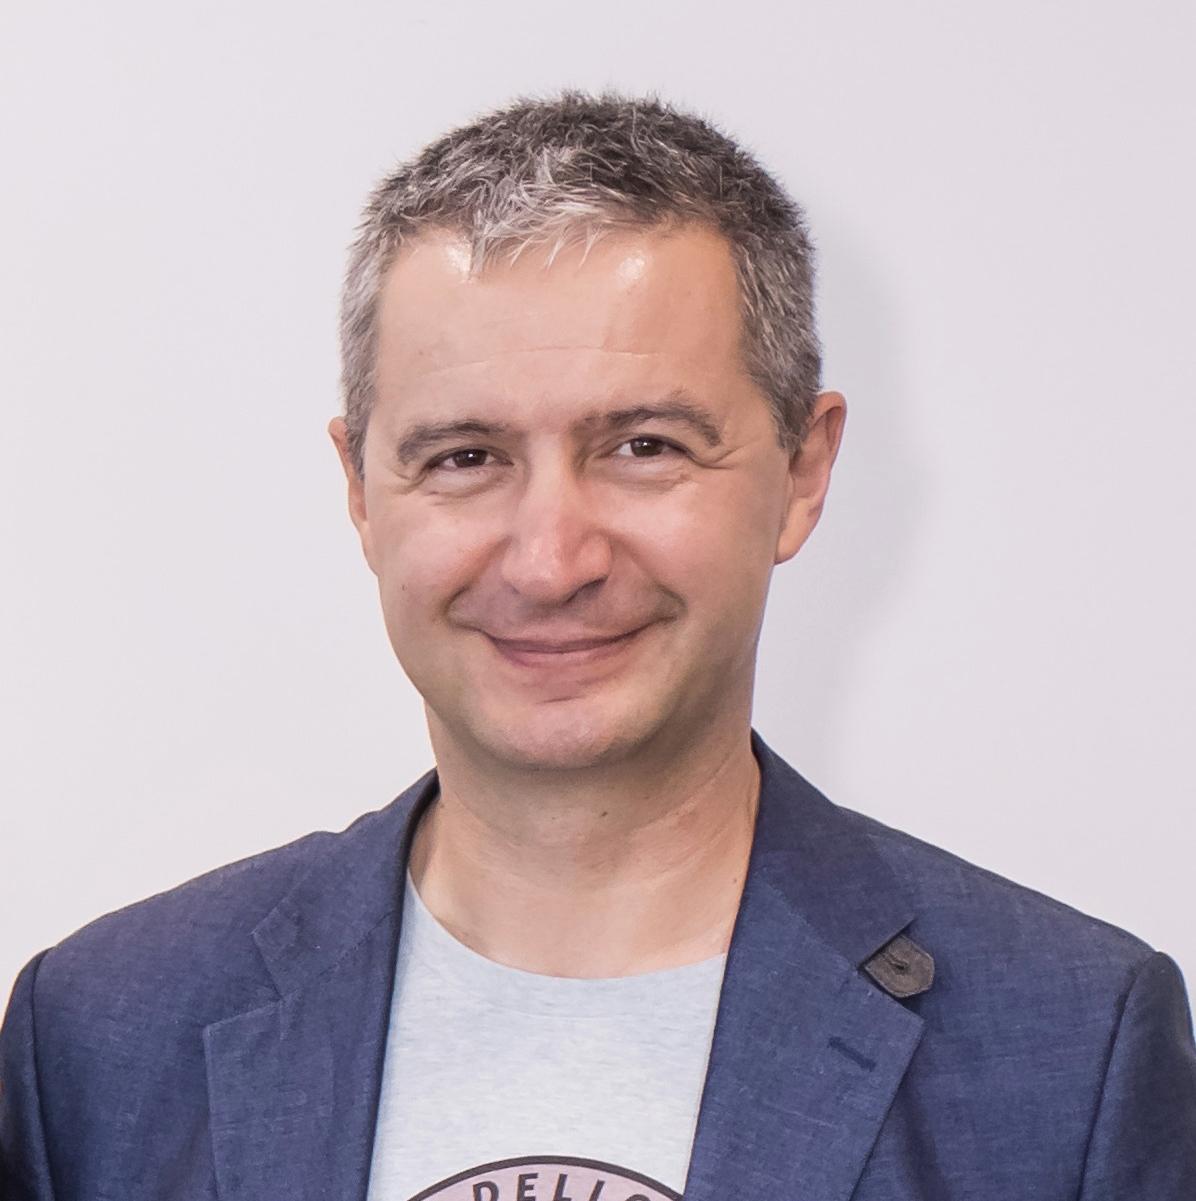 Andrei Dudoiu, co-fondator și CEO Seedblink, te învață cum să-ți diversifici portofoliul de investiții într-un mod inedit